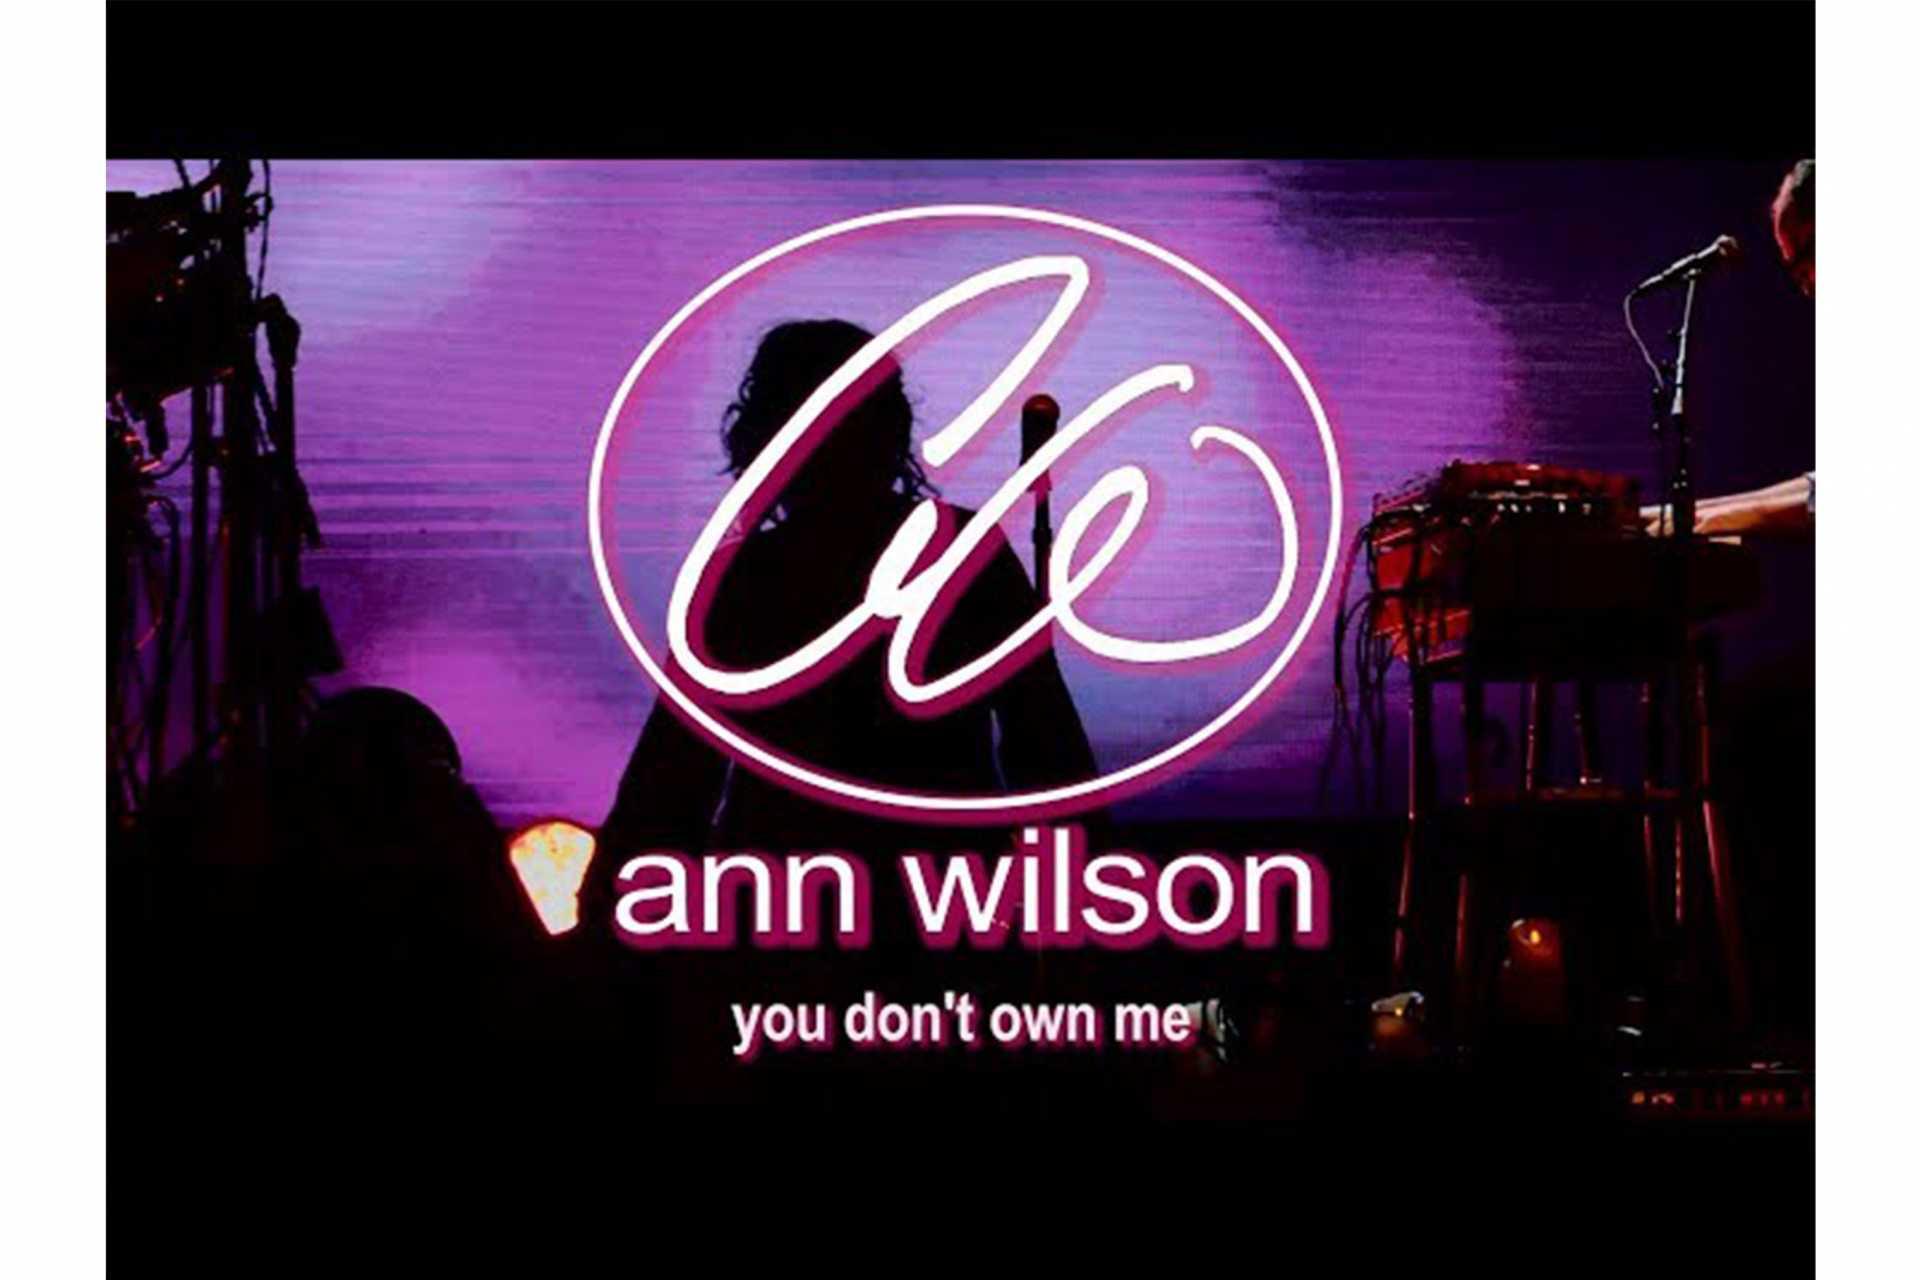 ハートのアン・ウィルソンが「You Don't Own Me」のミュージック・ビデオを公開